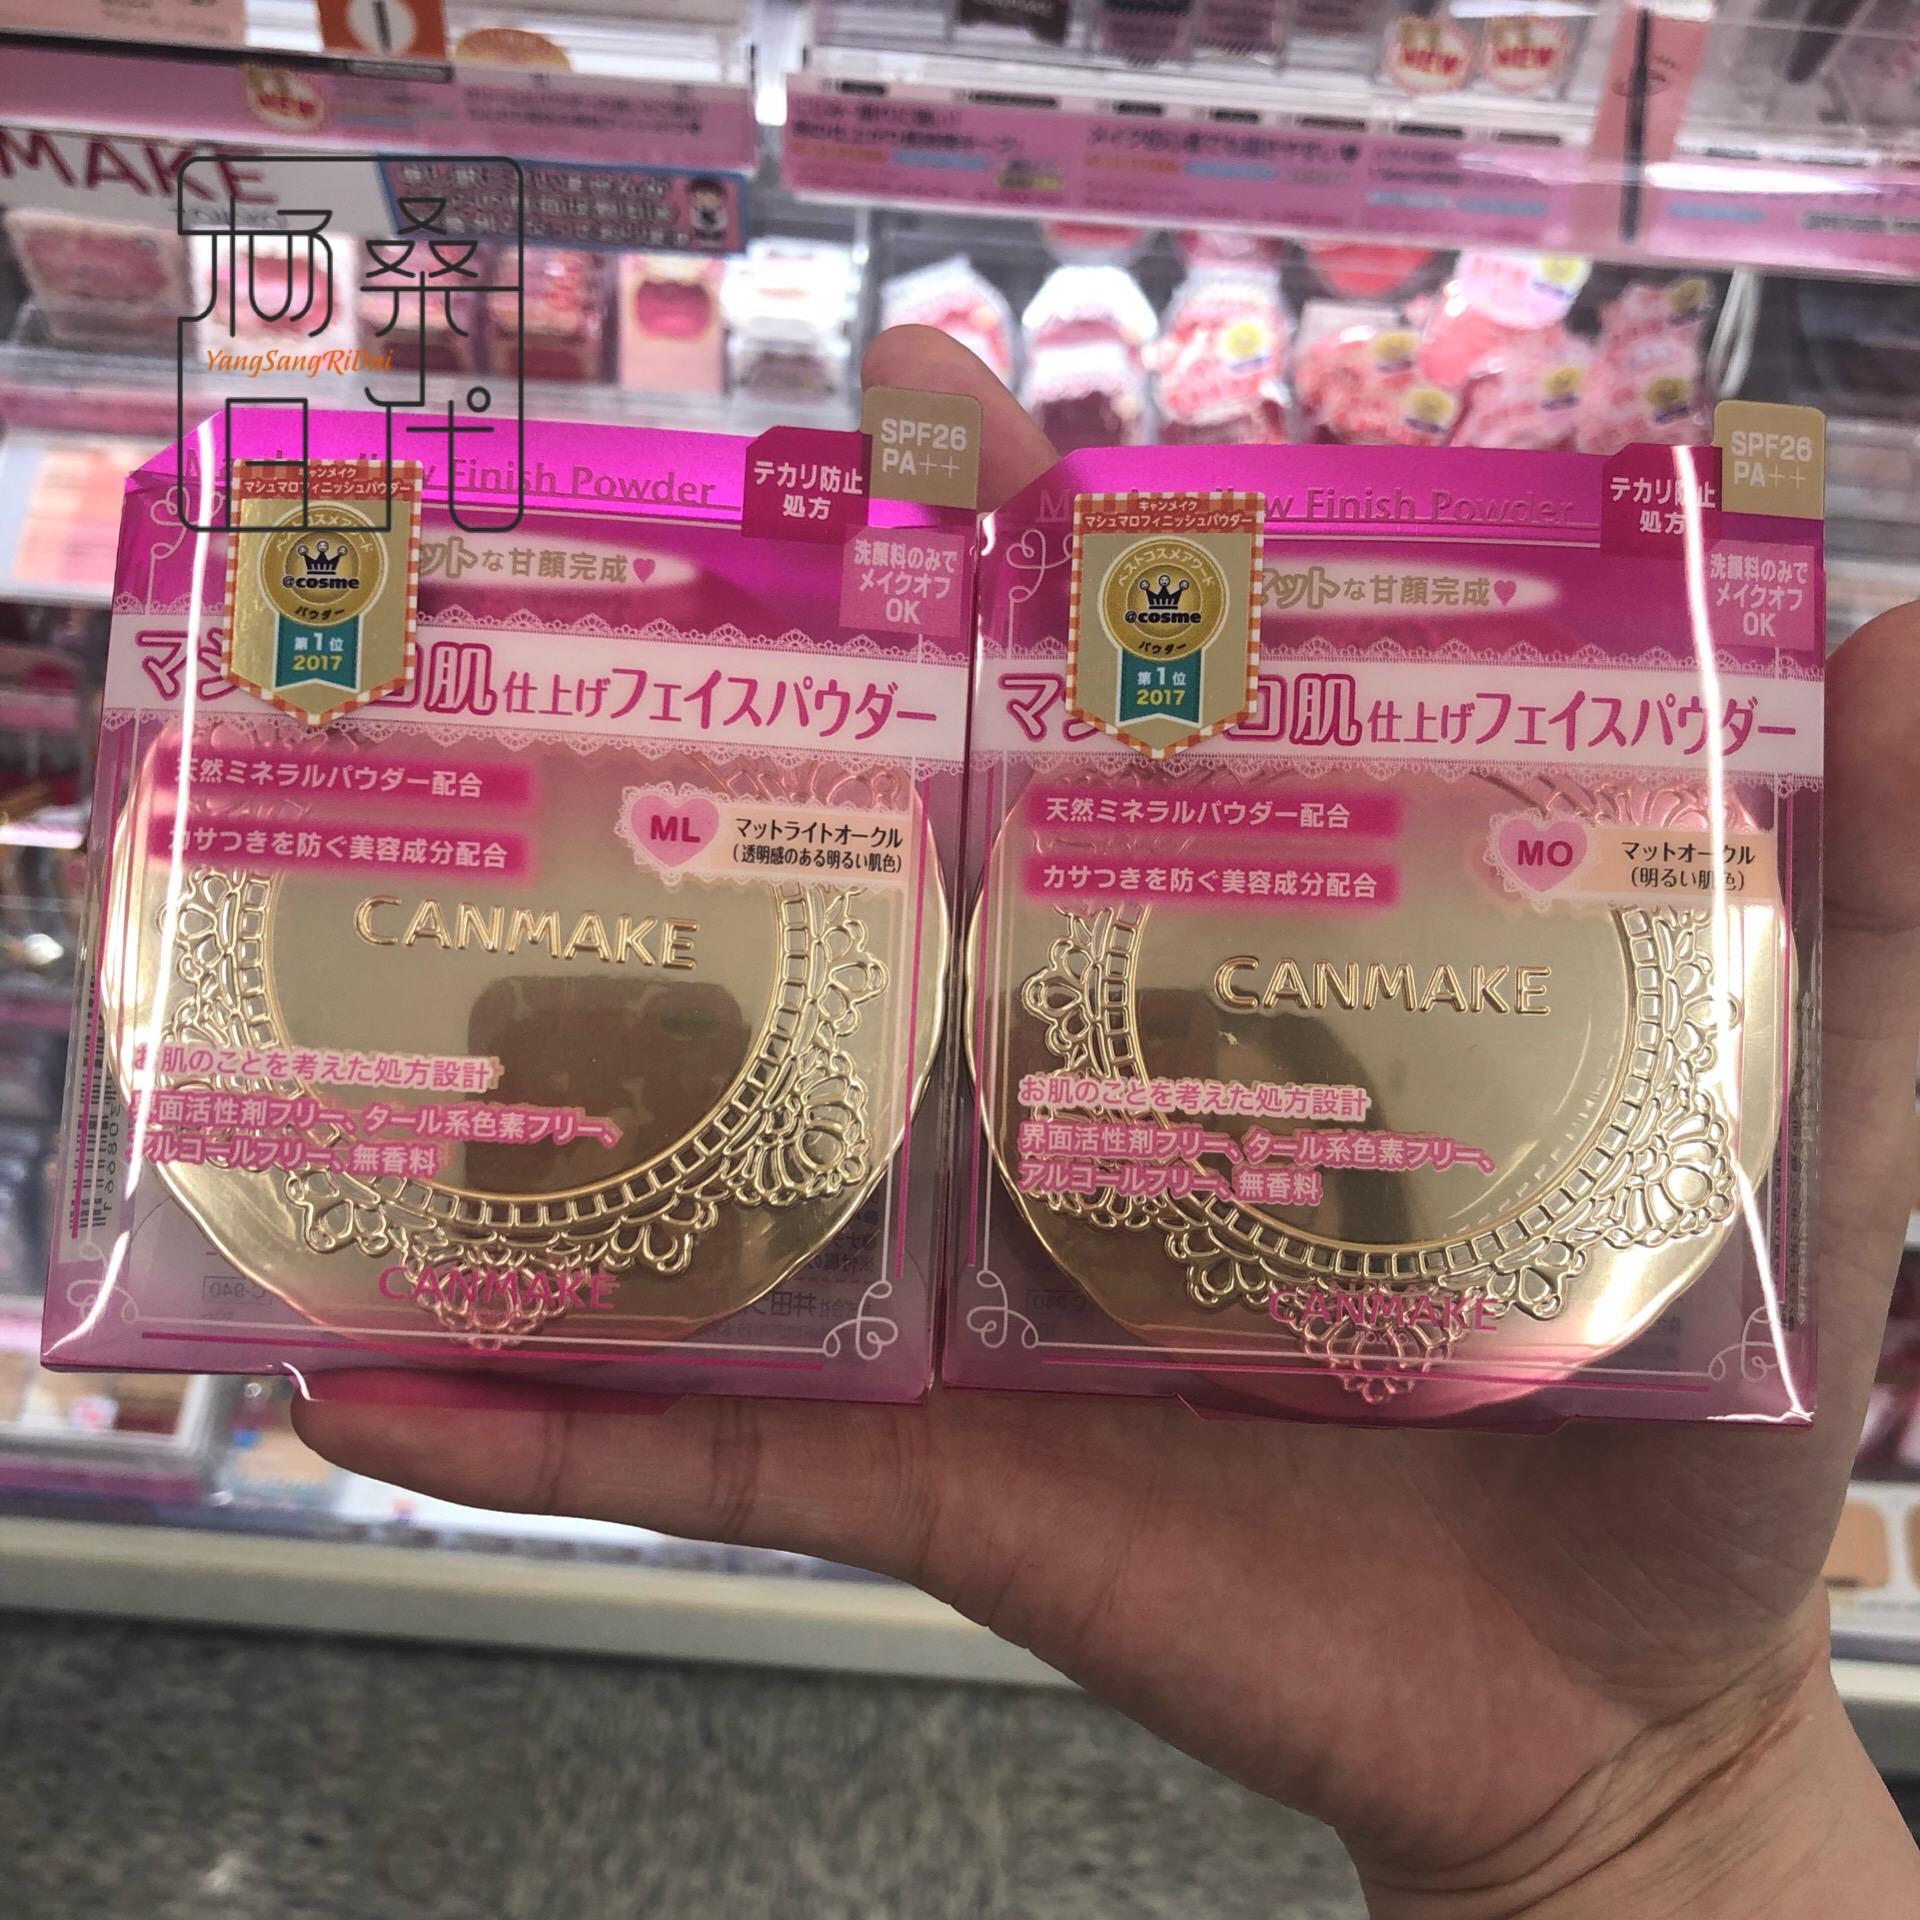 杨桑日代 现货 日本本土井田 CANMAKE 棉花糖粉饼控油遮瑕 定妆